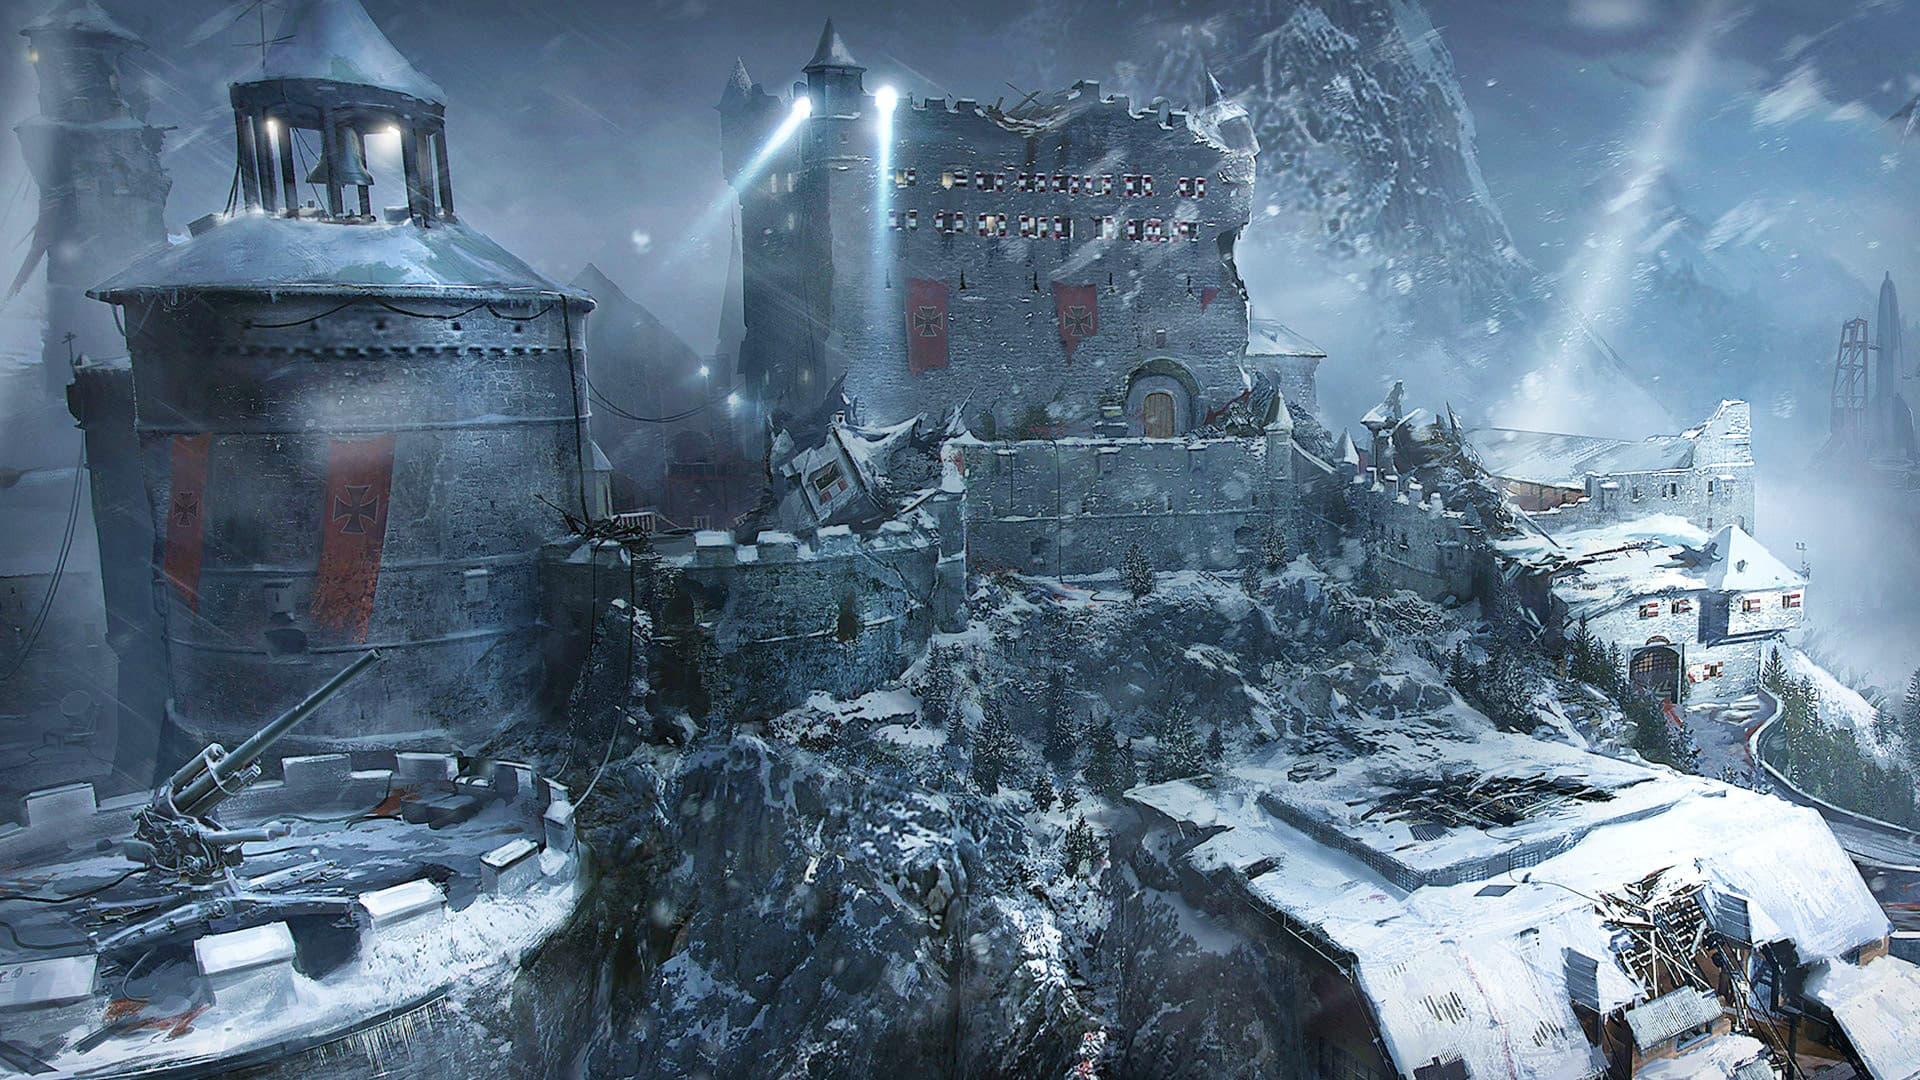 Xbox One Call of Duty: Black Ops III - Awakening